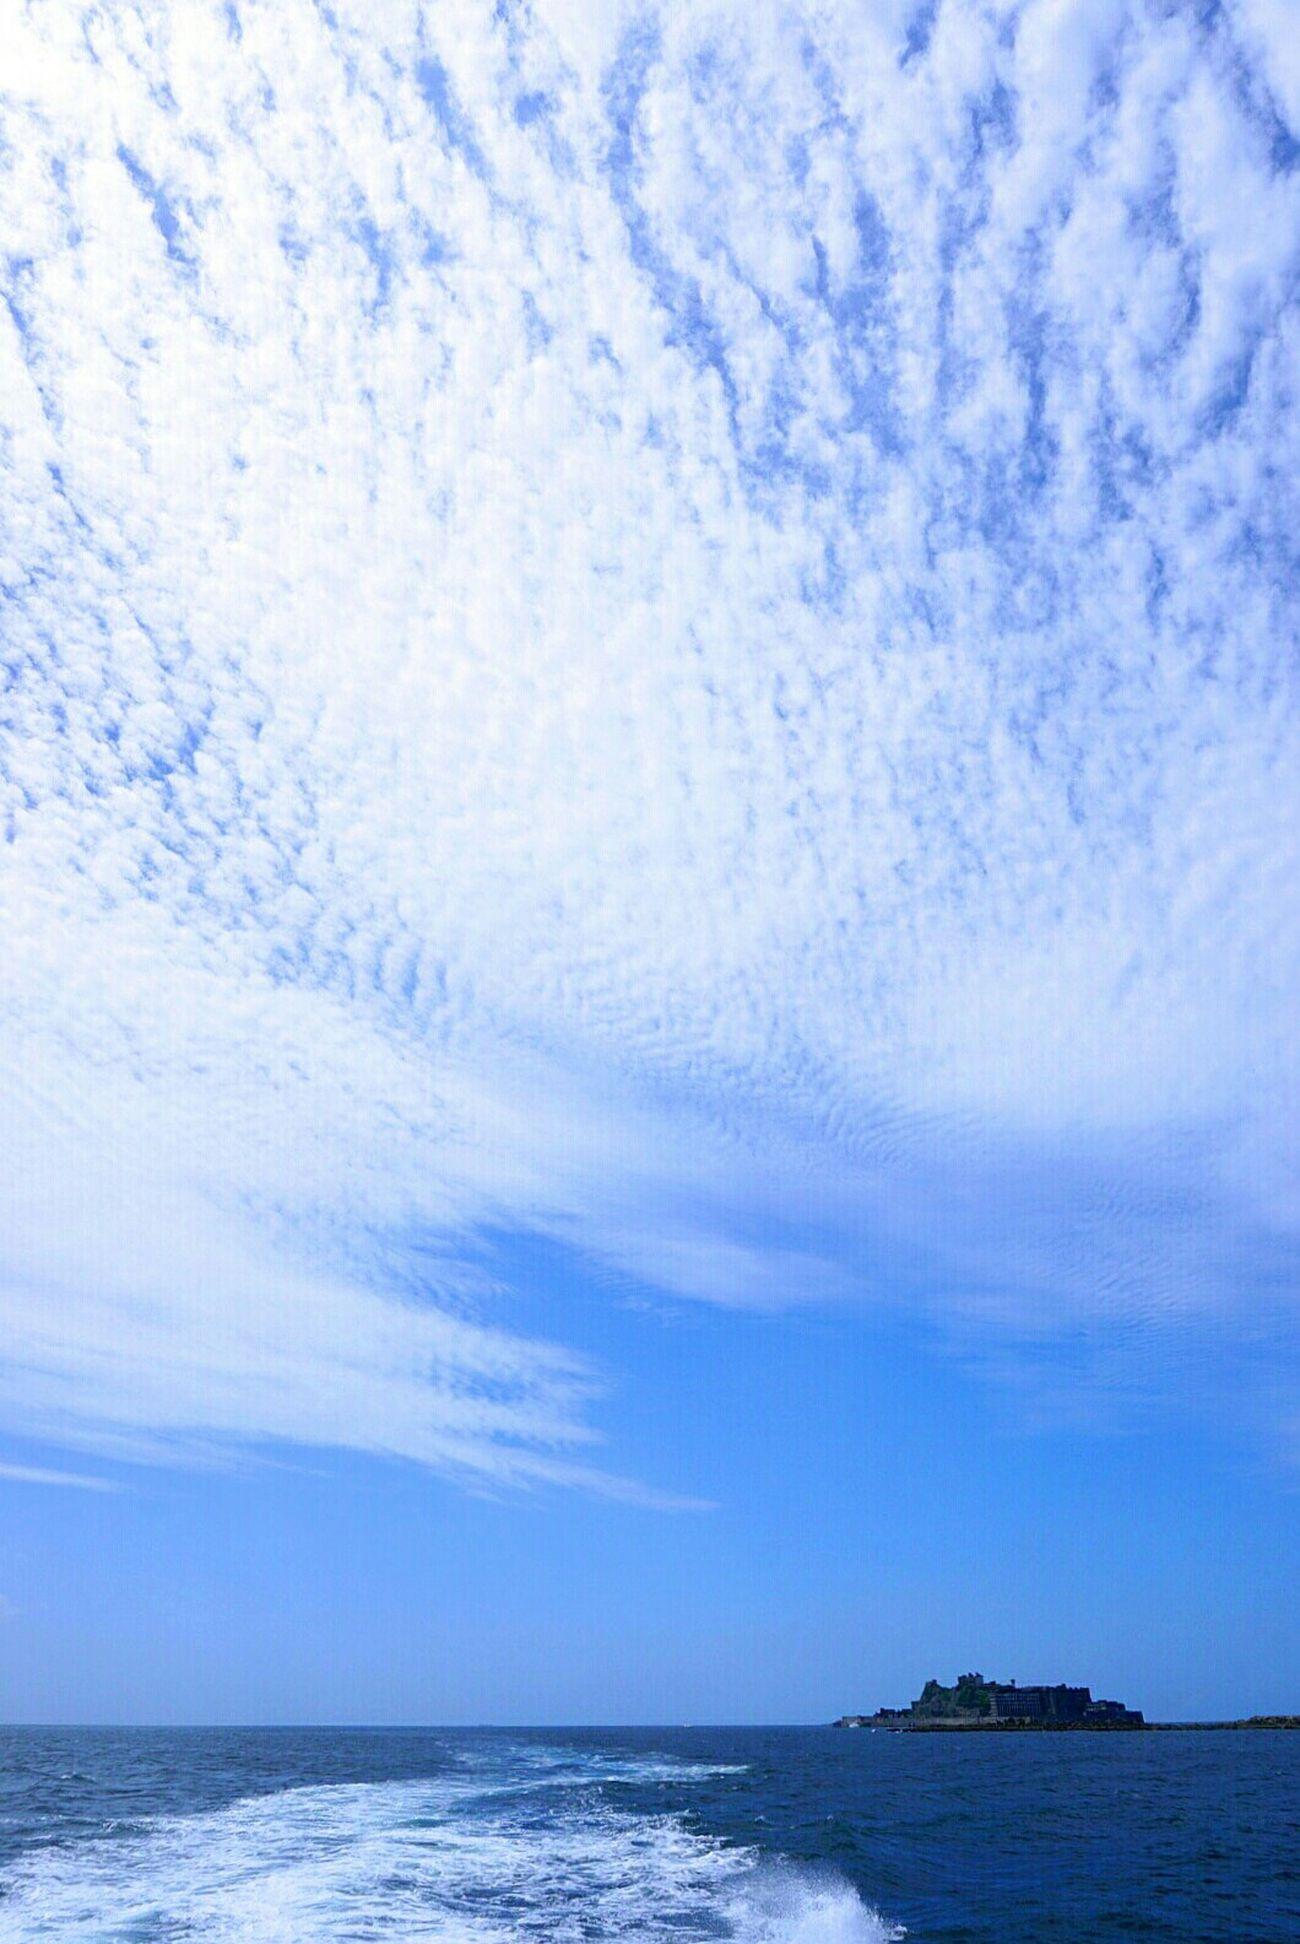 軍艦島 端島 世界文化遺産 空 海 雲 軍艦島(gunkan-jima)